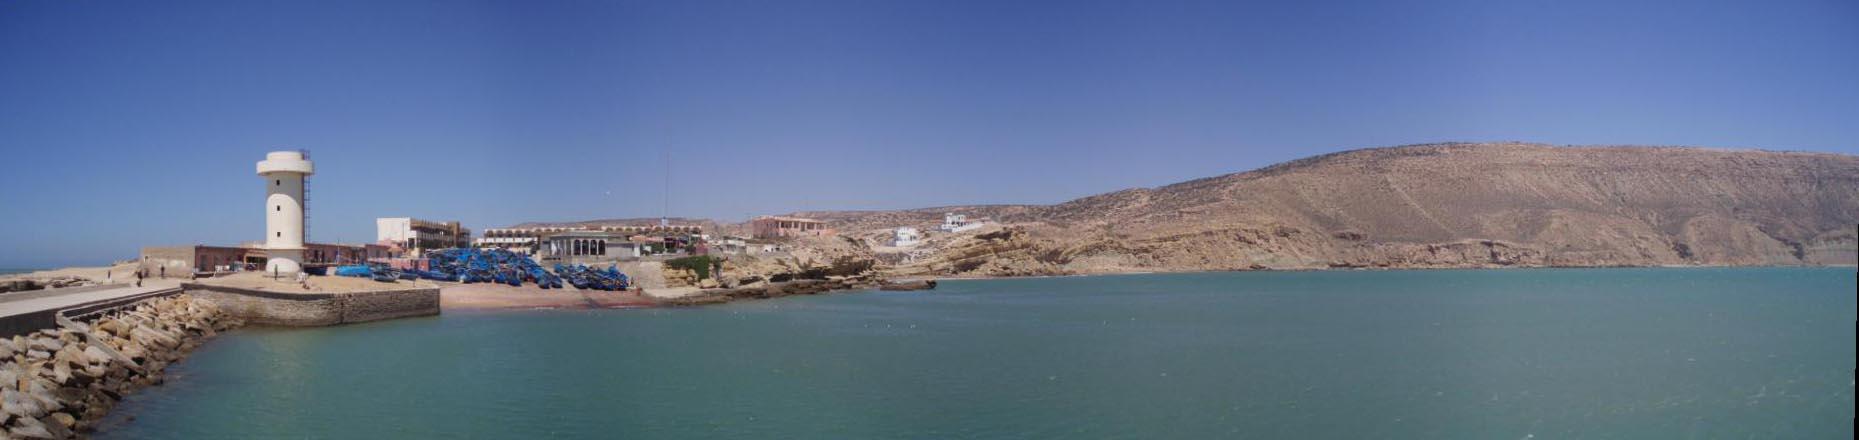 Panoramica del puerto de Imsouane